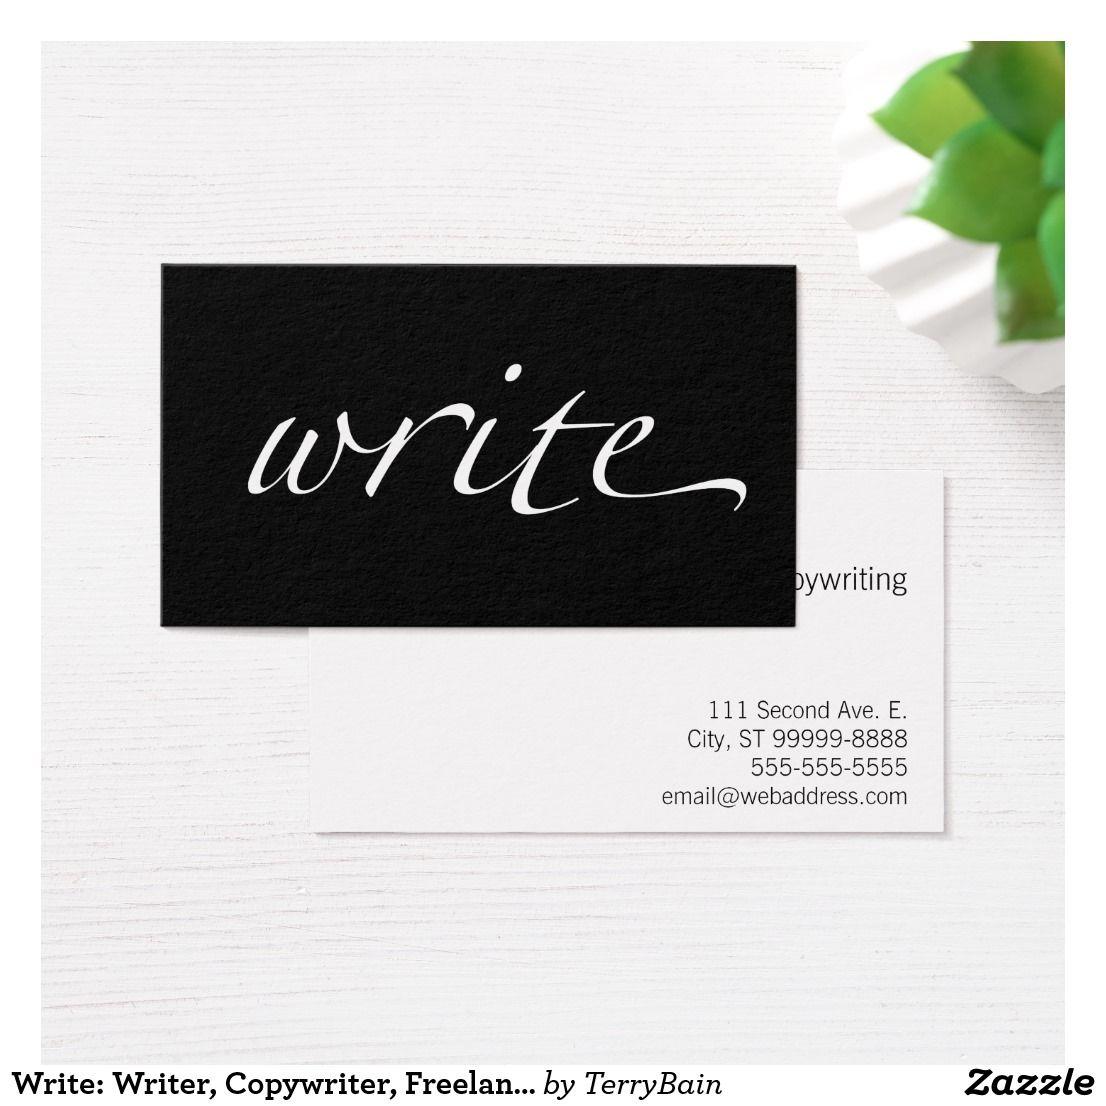 Write: Writer, Copywriter, Freelance Writer Business Card